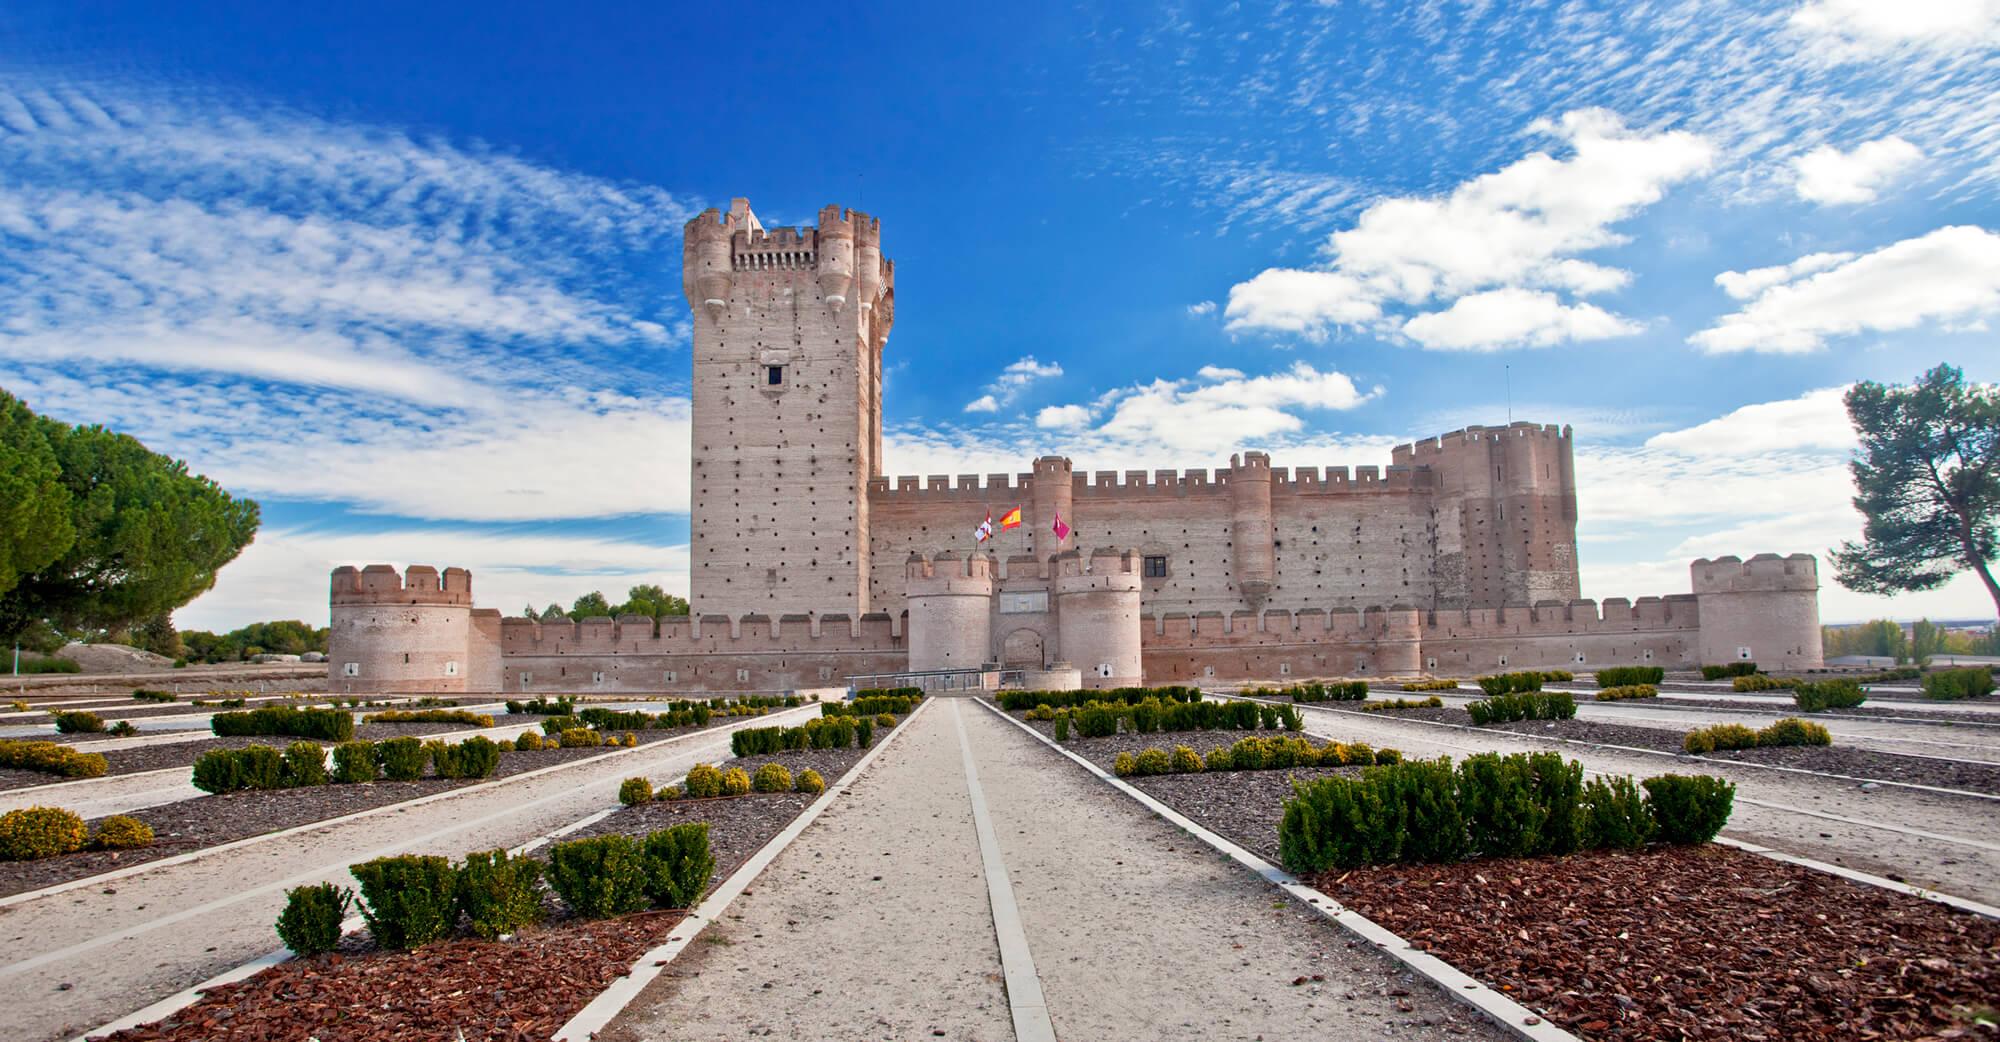 Castillo-mota2-1